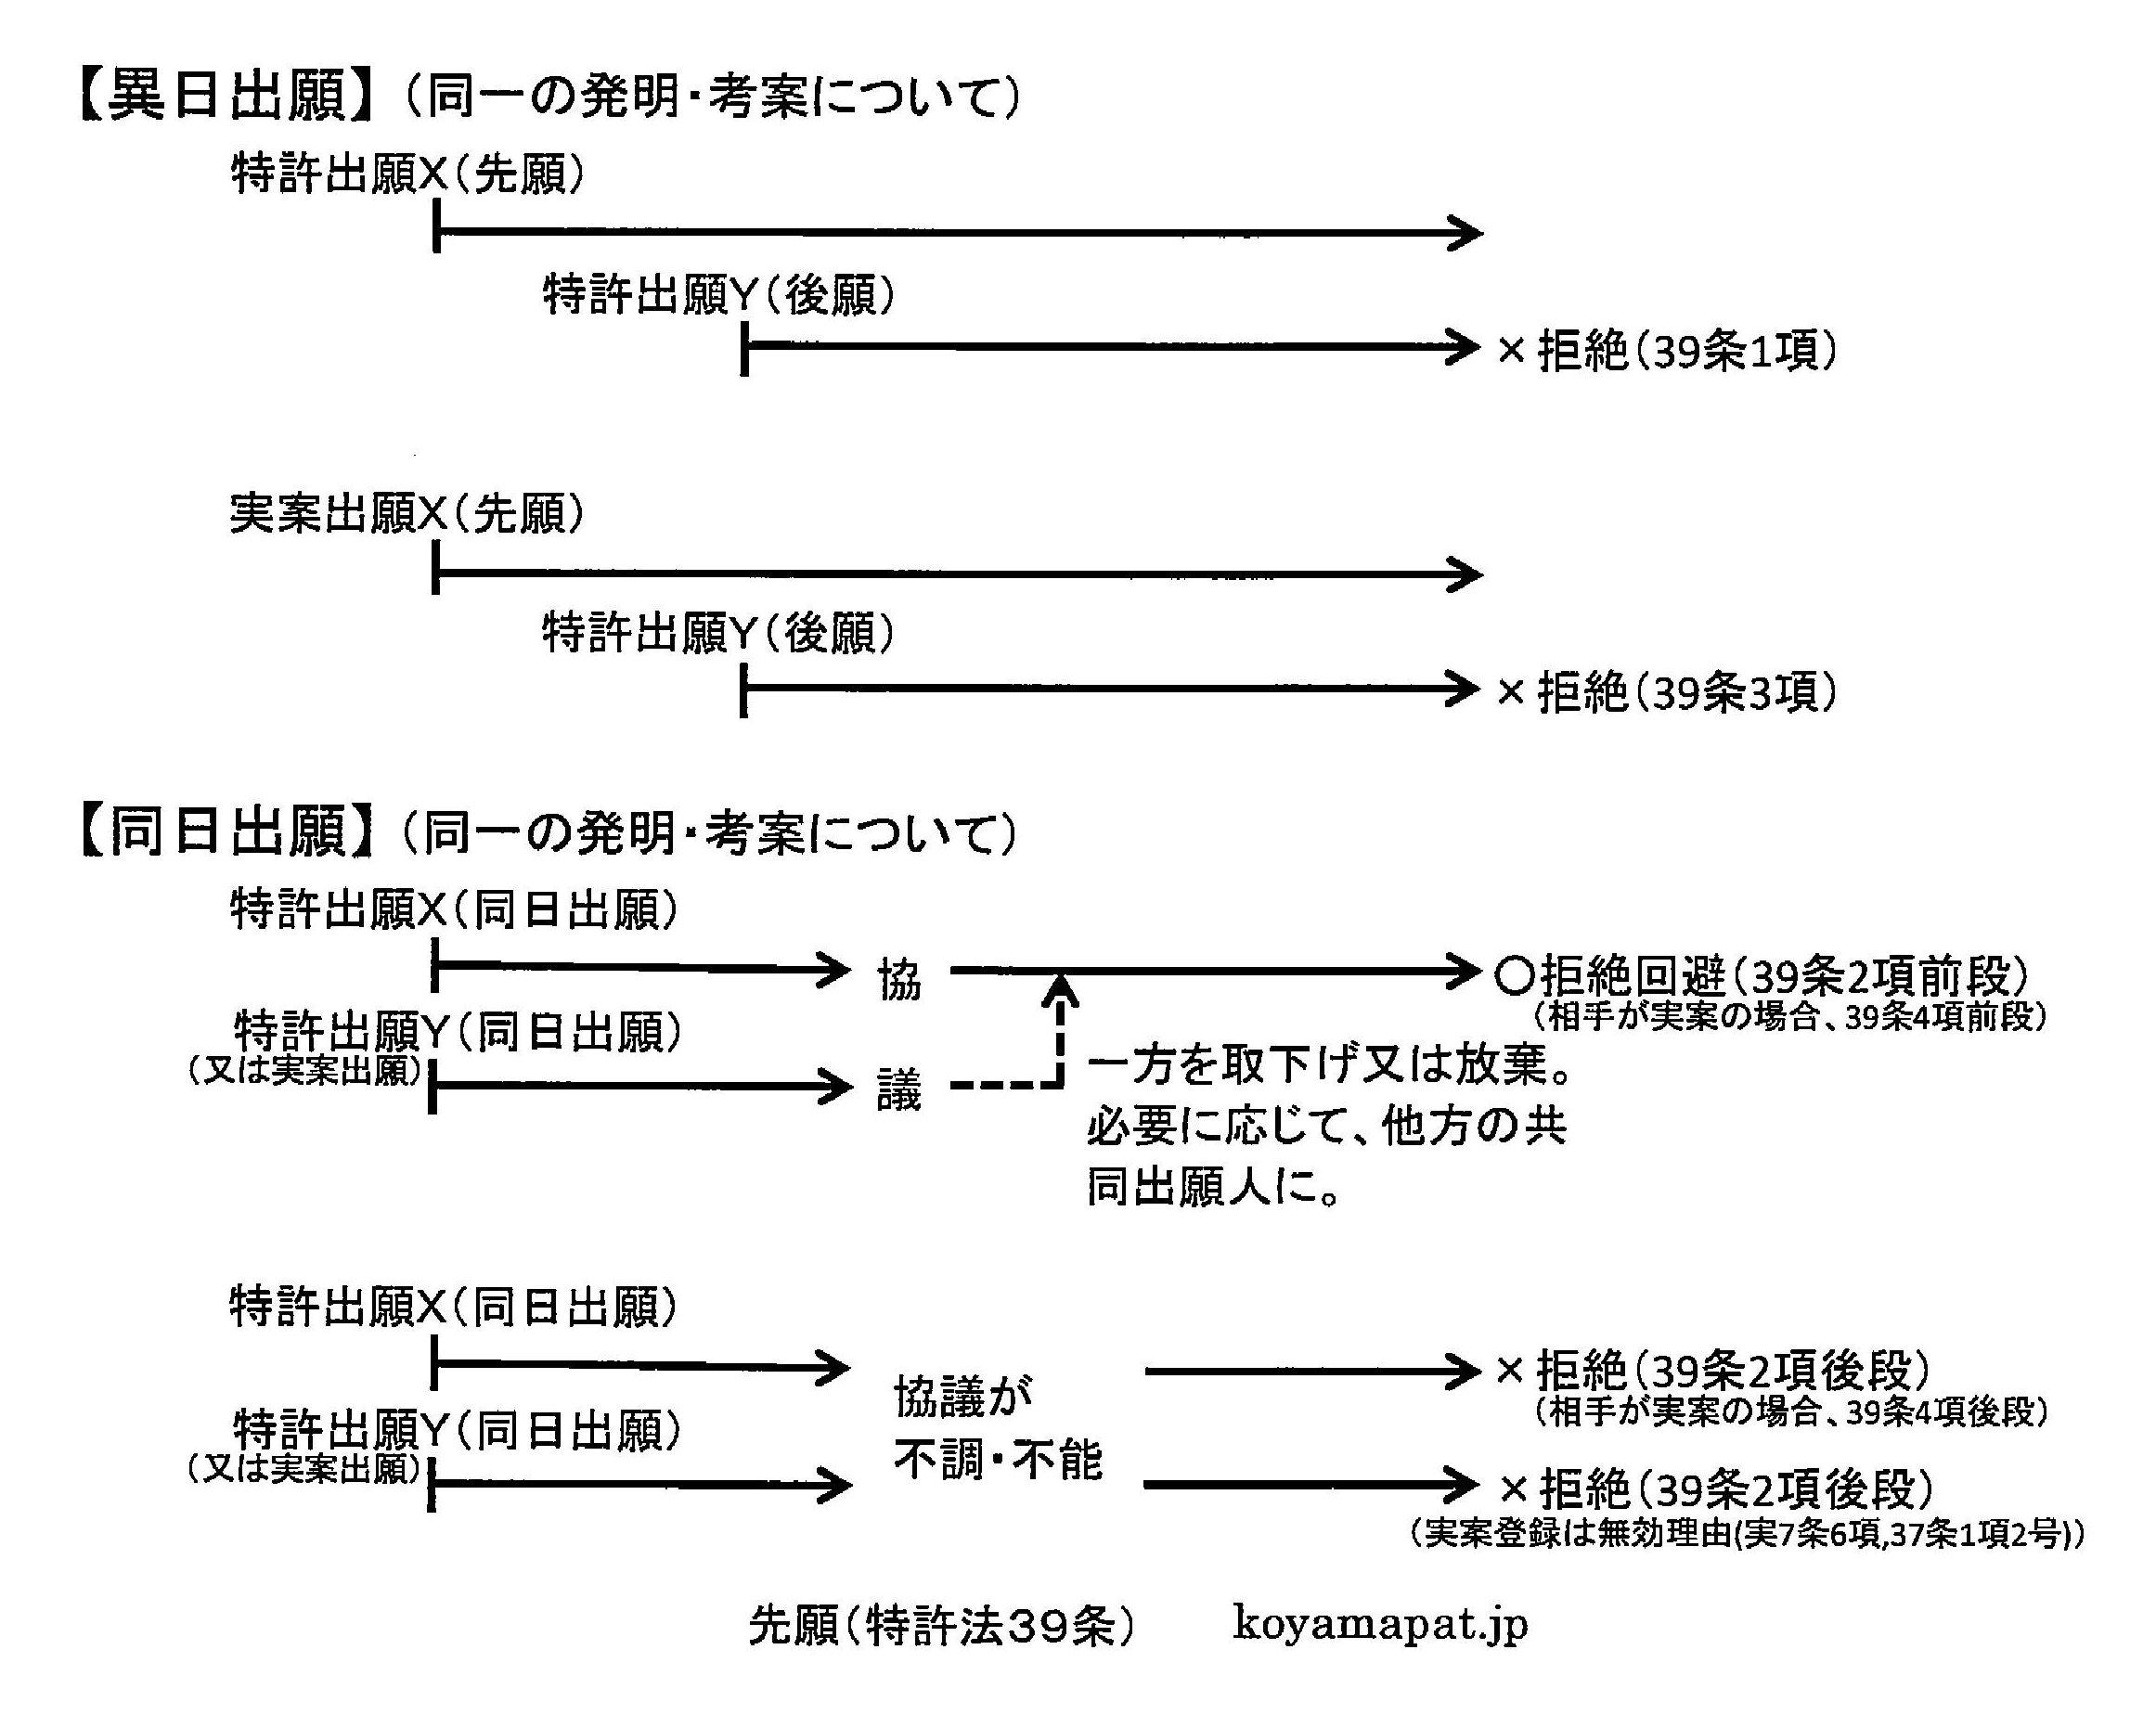 先願(特許法39条)